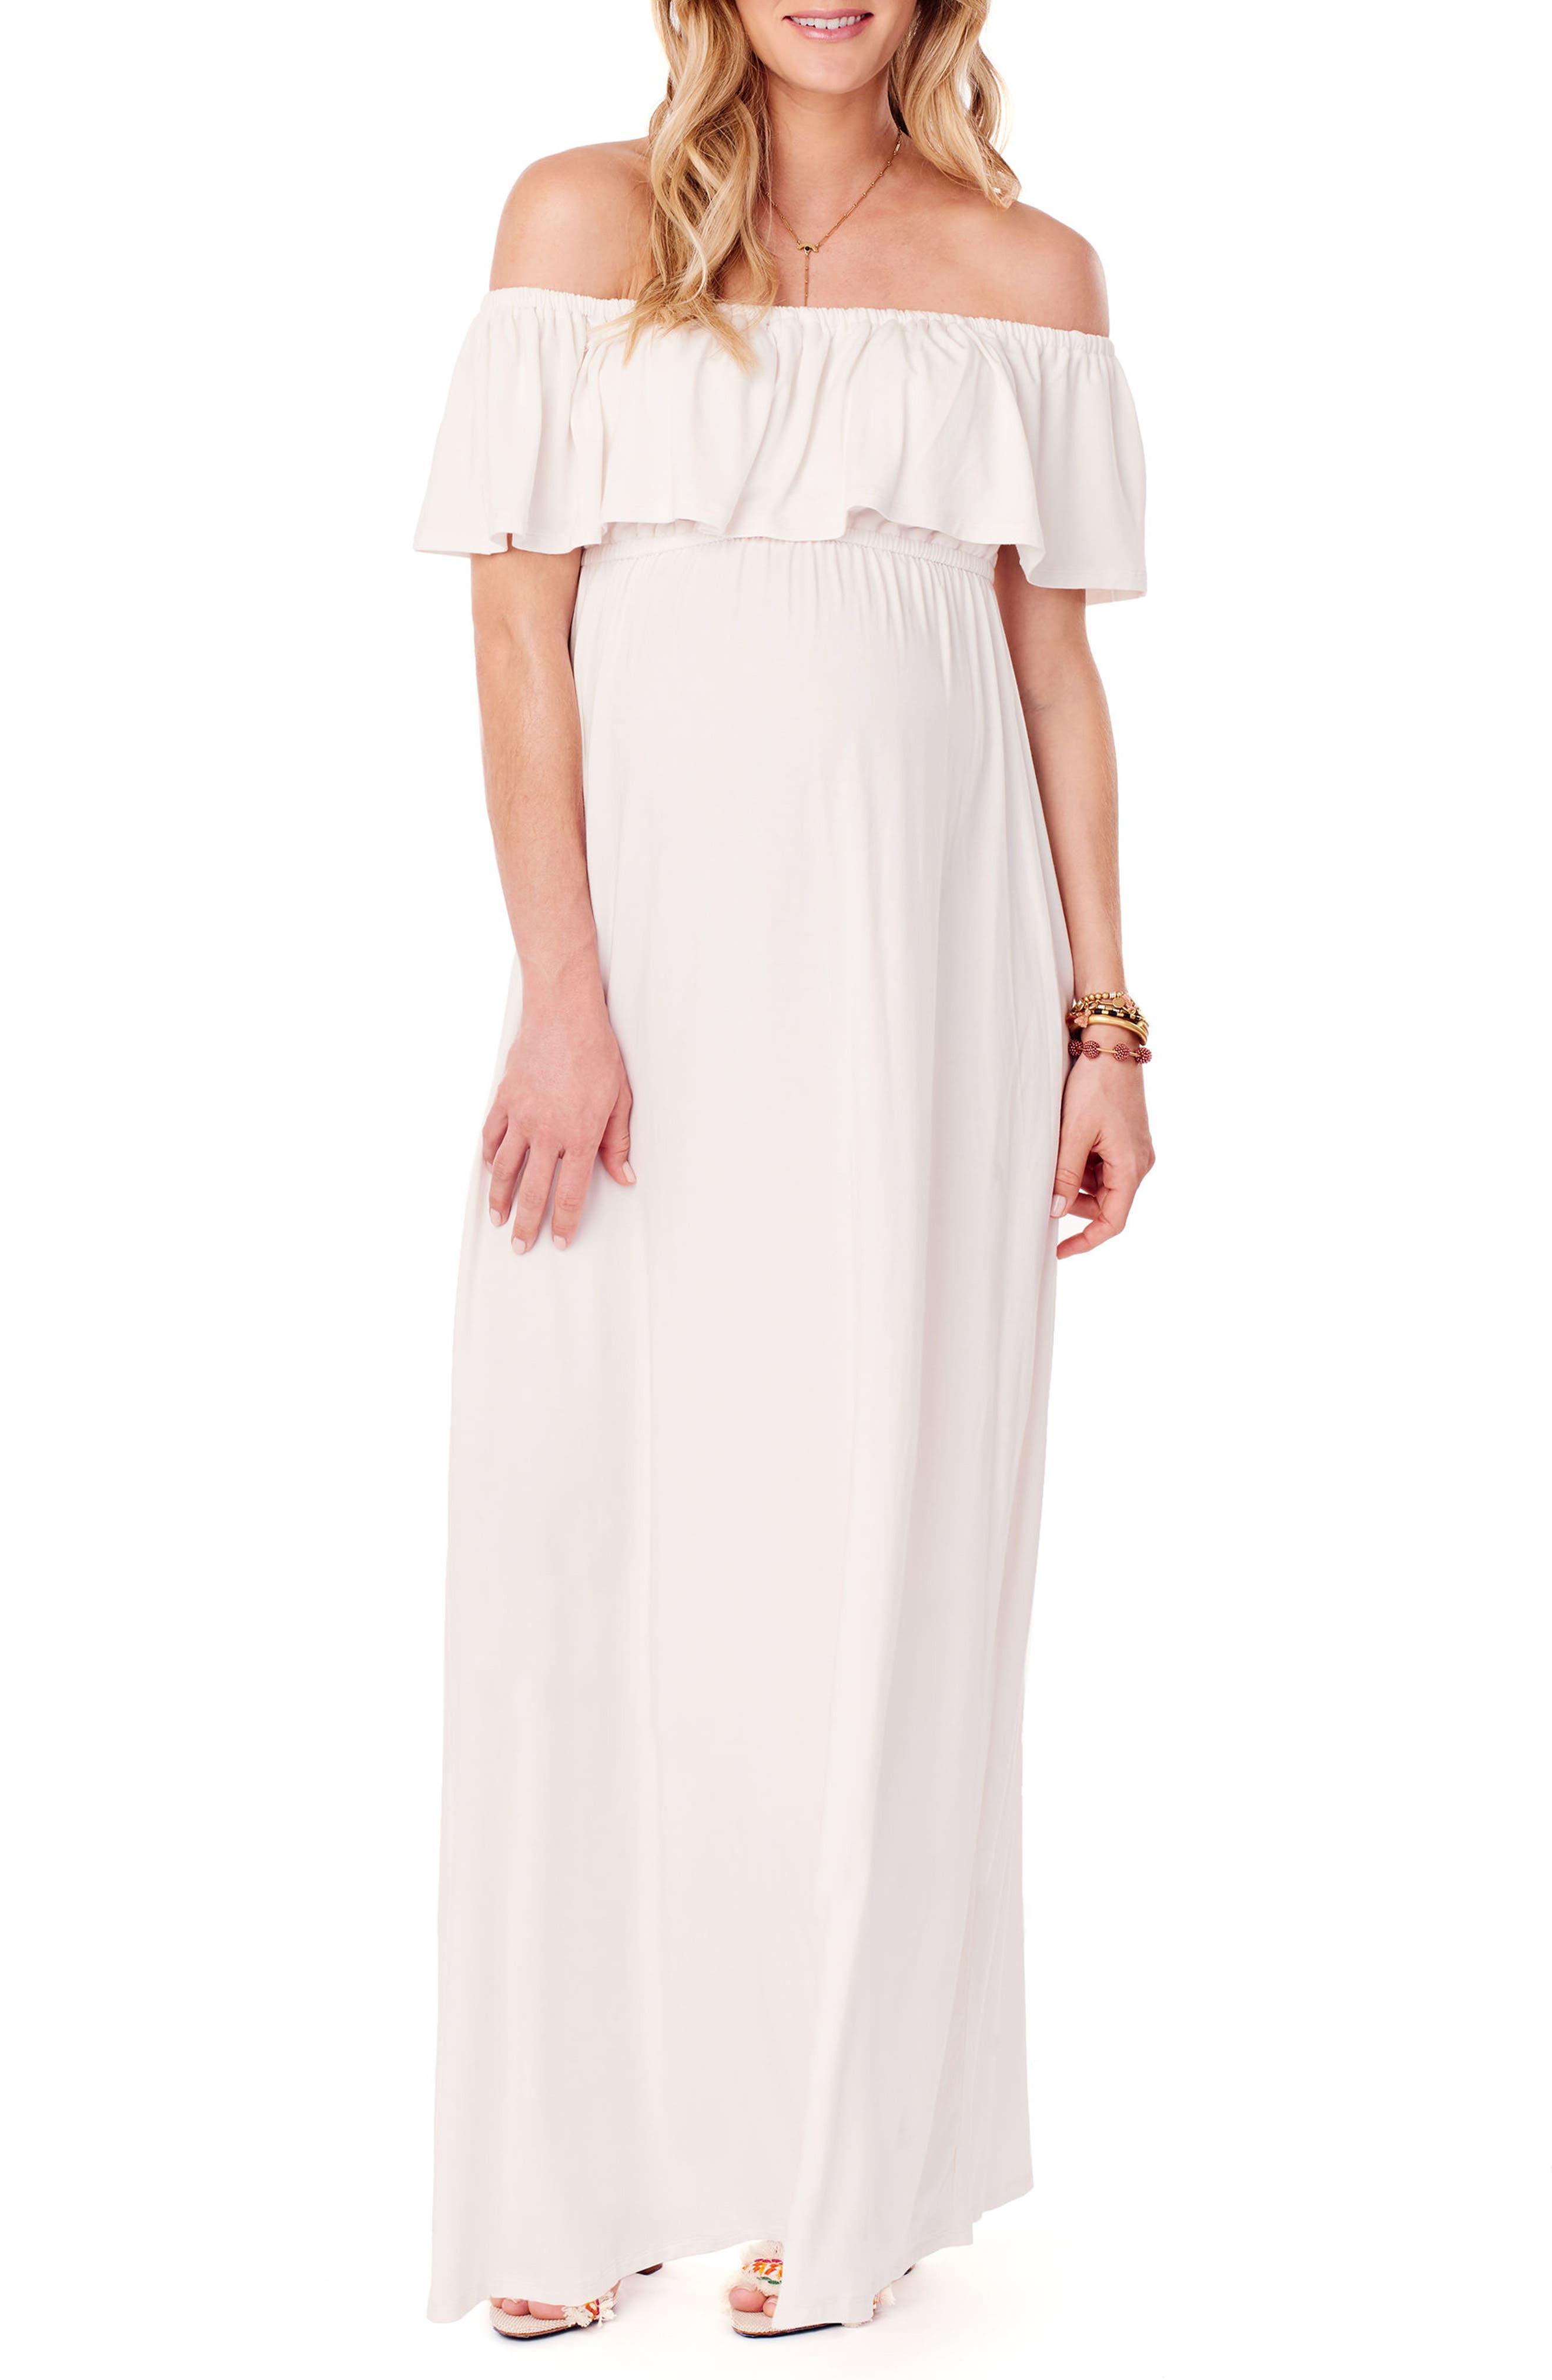 Pale pink maternity maxi dress